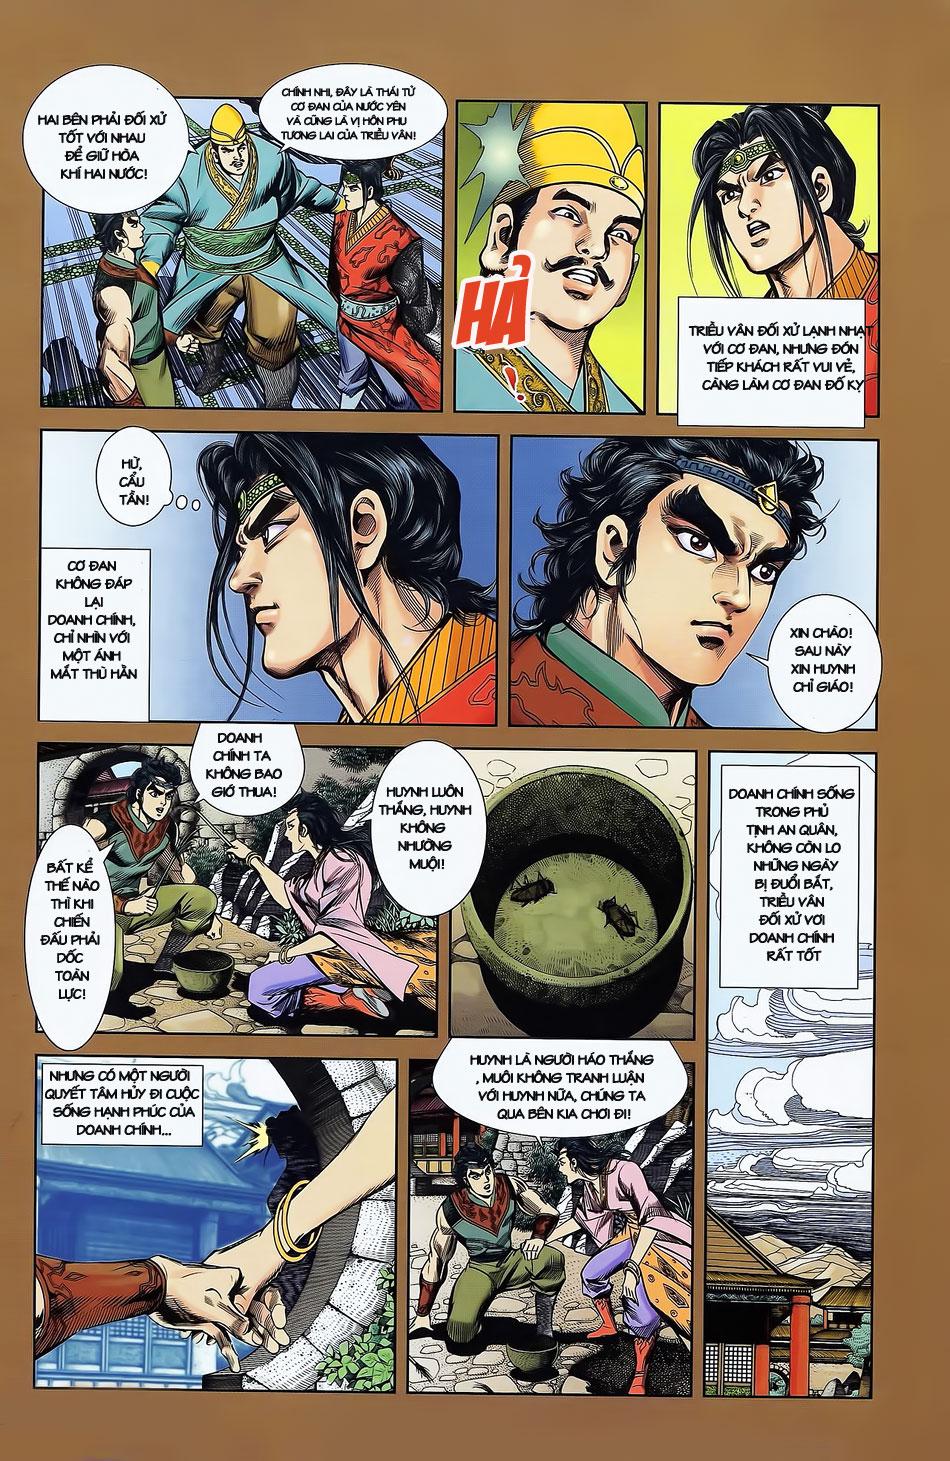 Tần Vương Doanh Chính chapter 2 trang 10